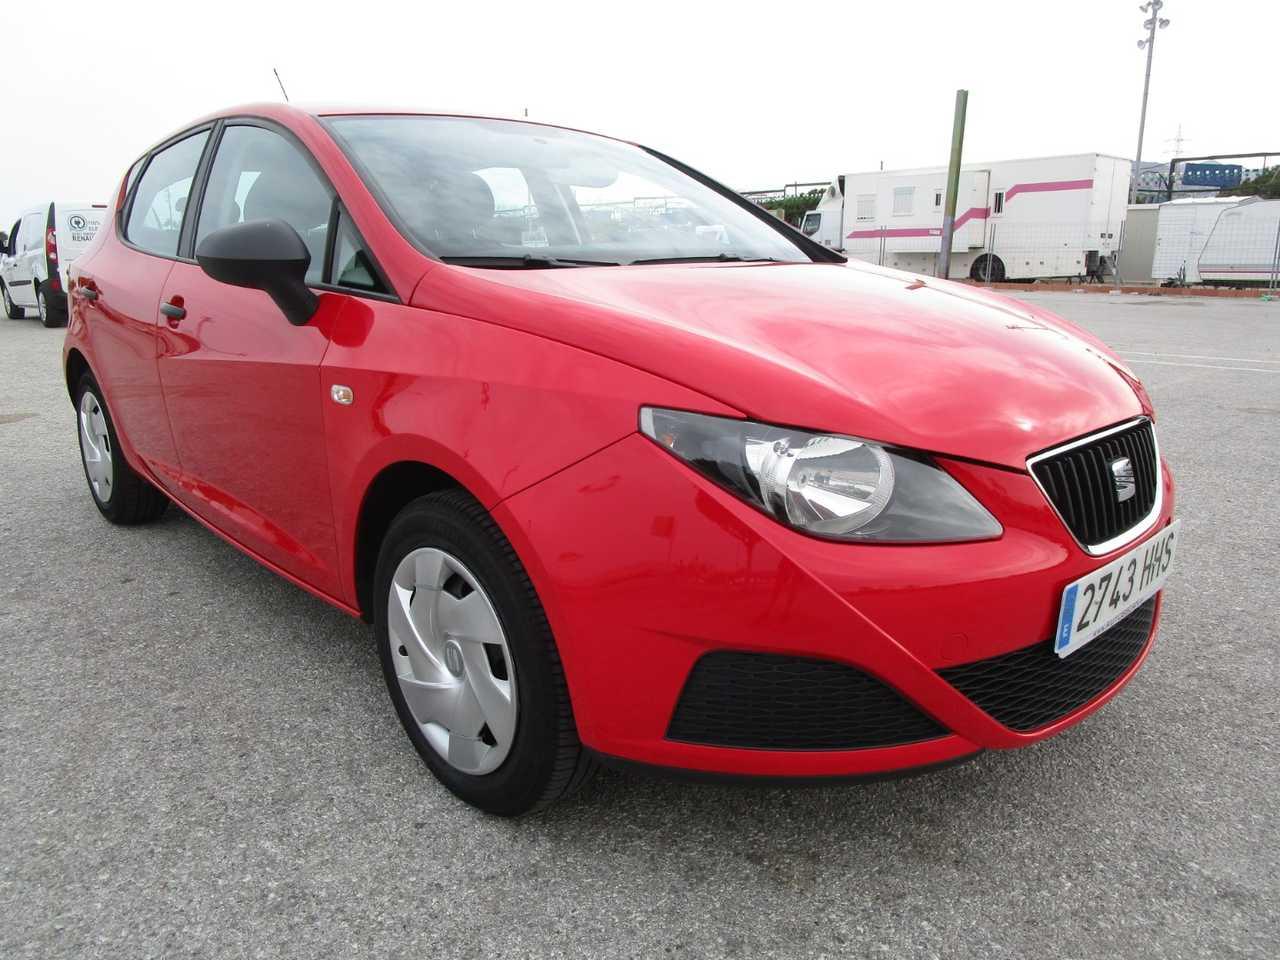 Seat Ibiza 1.2 TDI 75CV COPA REFERENCE DPF   - Foto 1